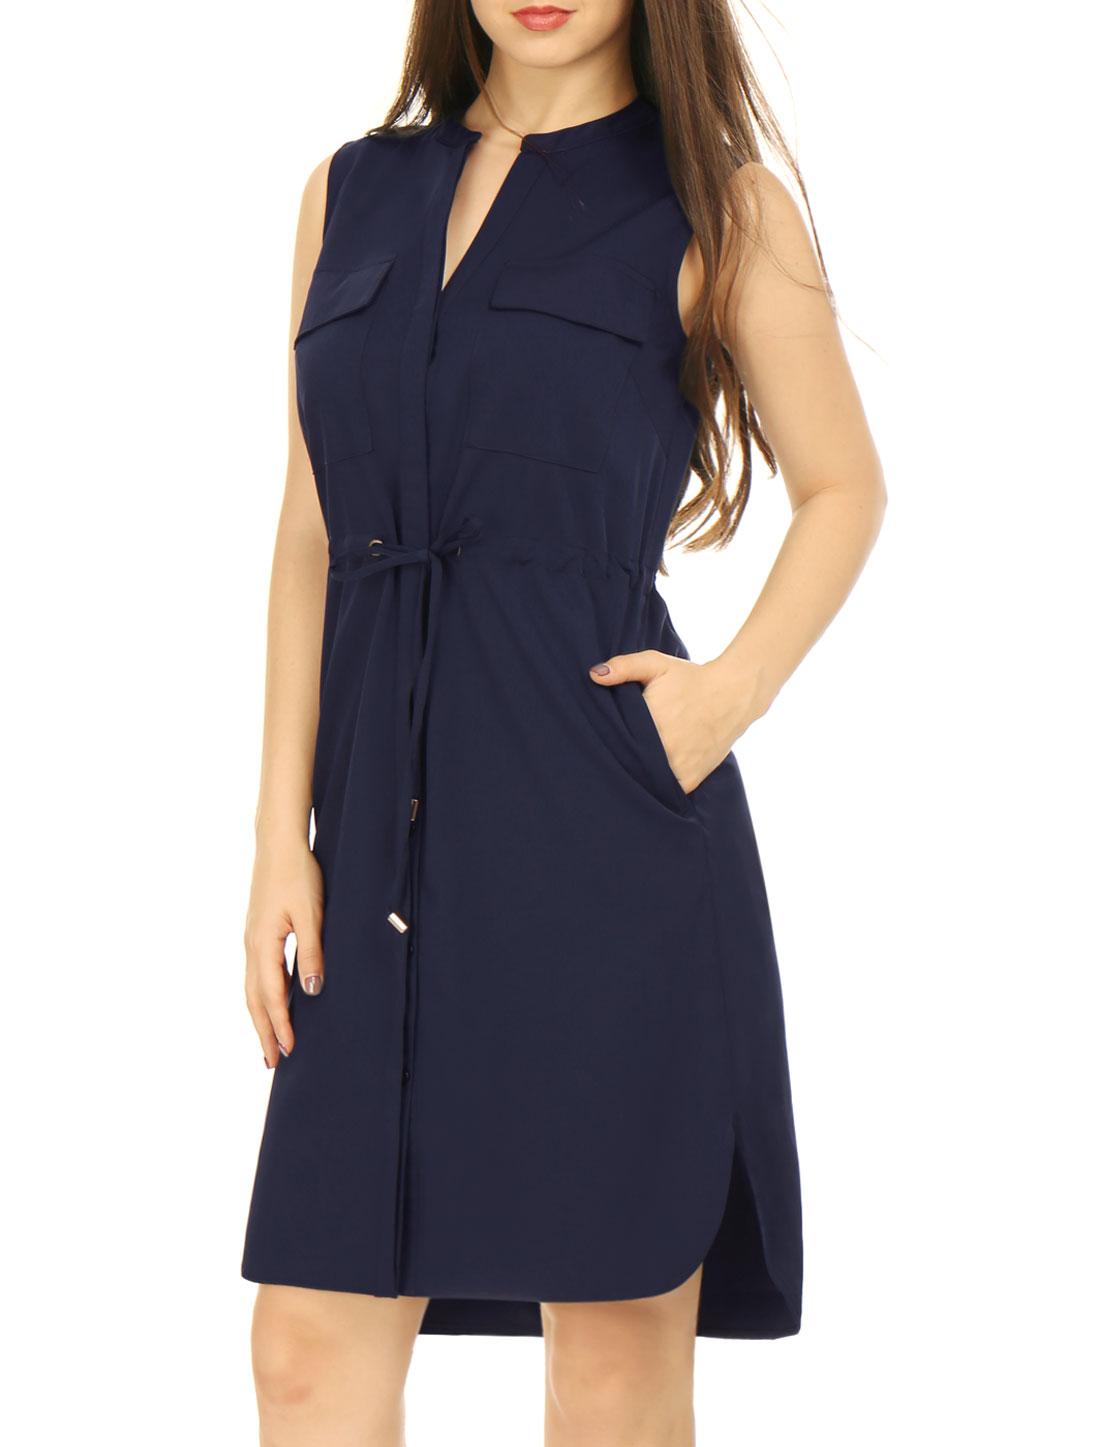 Allegra K Woman Drawstring Waist Flap Chest Pockets Shirt Dress Navy Blue L